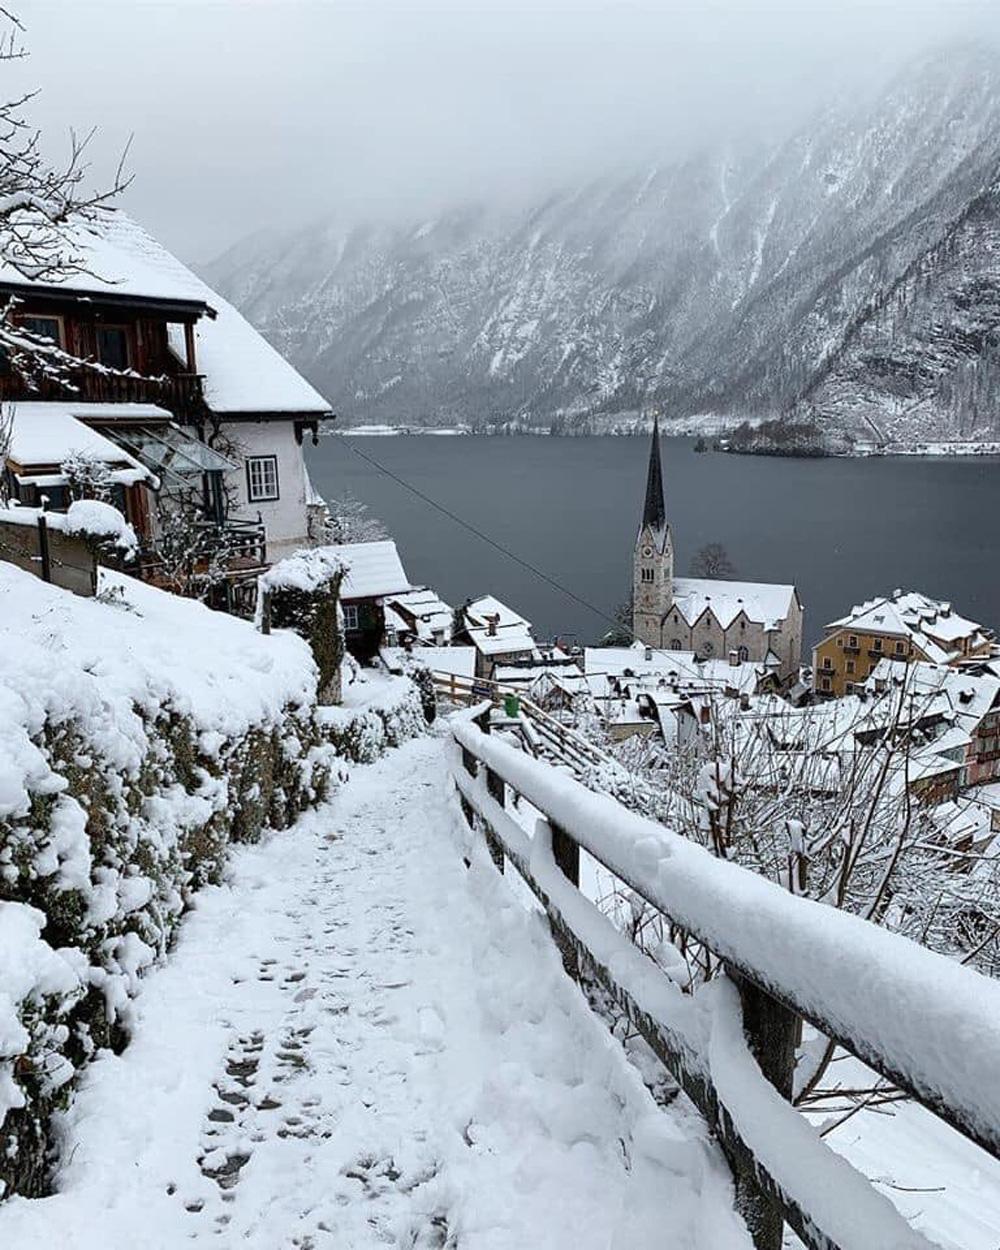 Làng cổ 7.000 năm tuổi Hallstatt đẹp mê mẩn vào mùa đông - Ảnh 5.